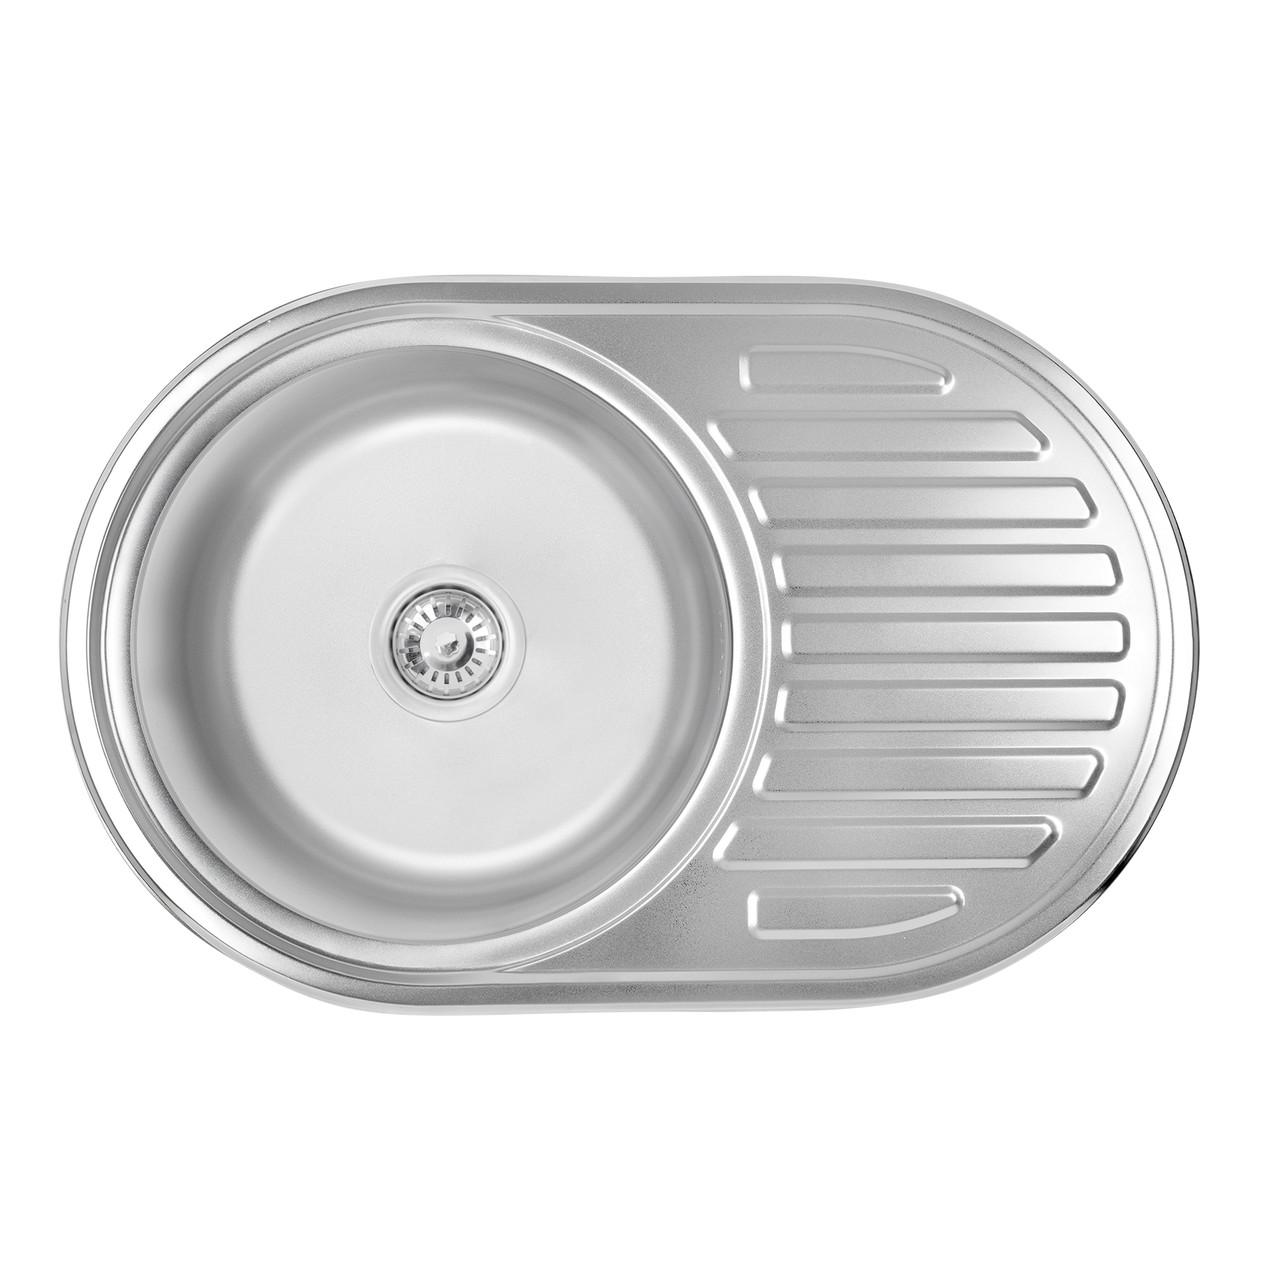 Кухонна мийка Lidz 7750 Satin 0,8 мм (LIDZ7750SAT)